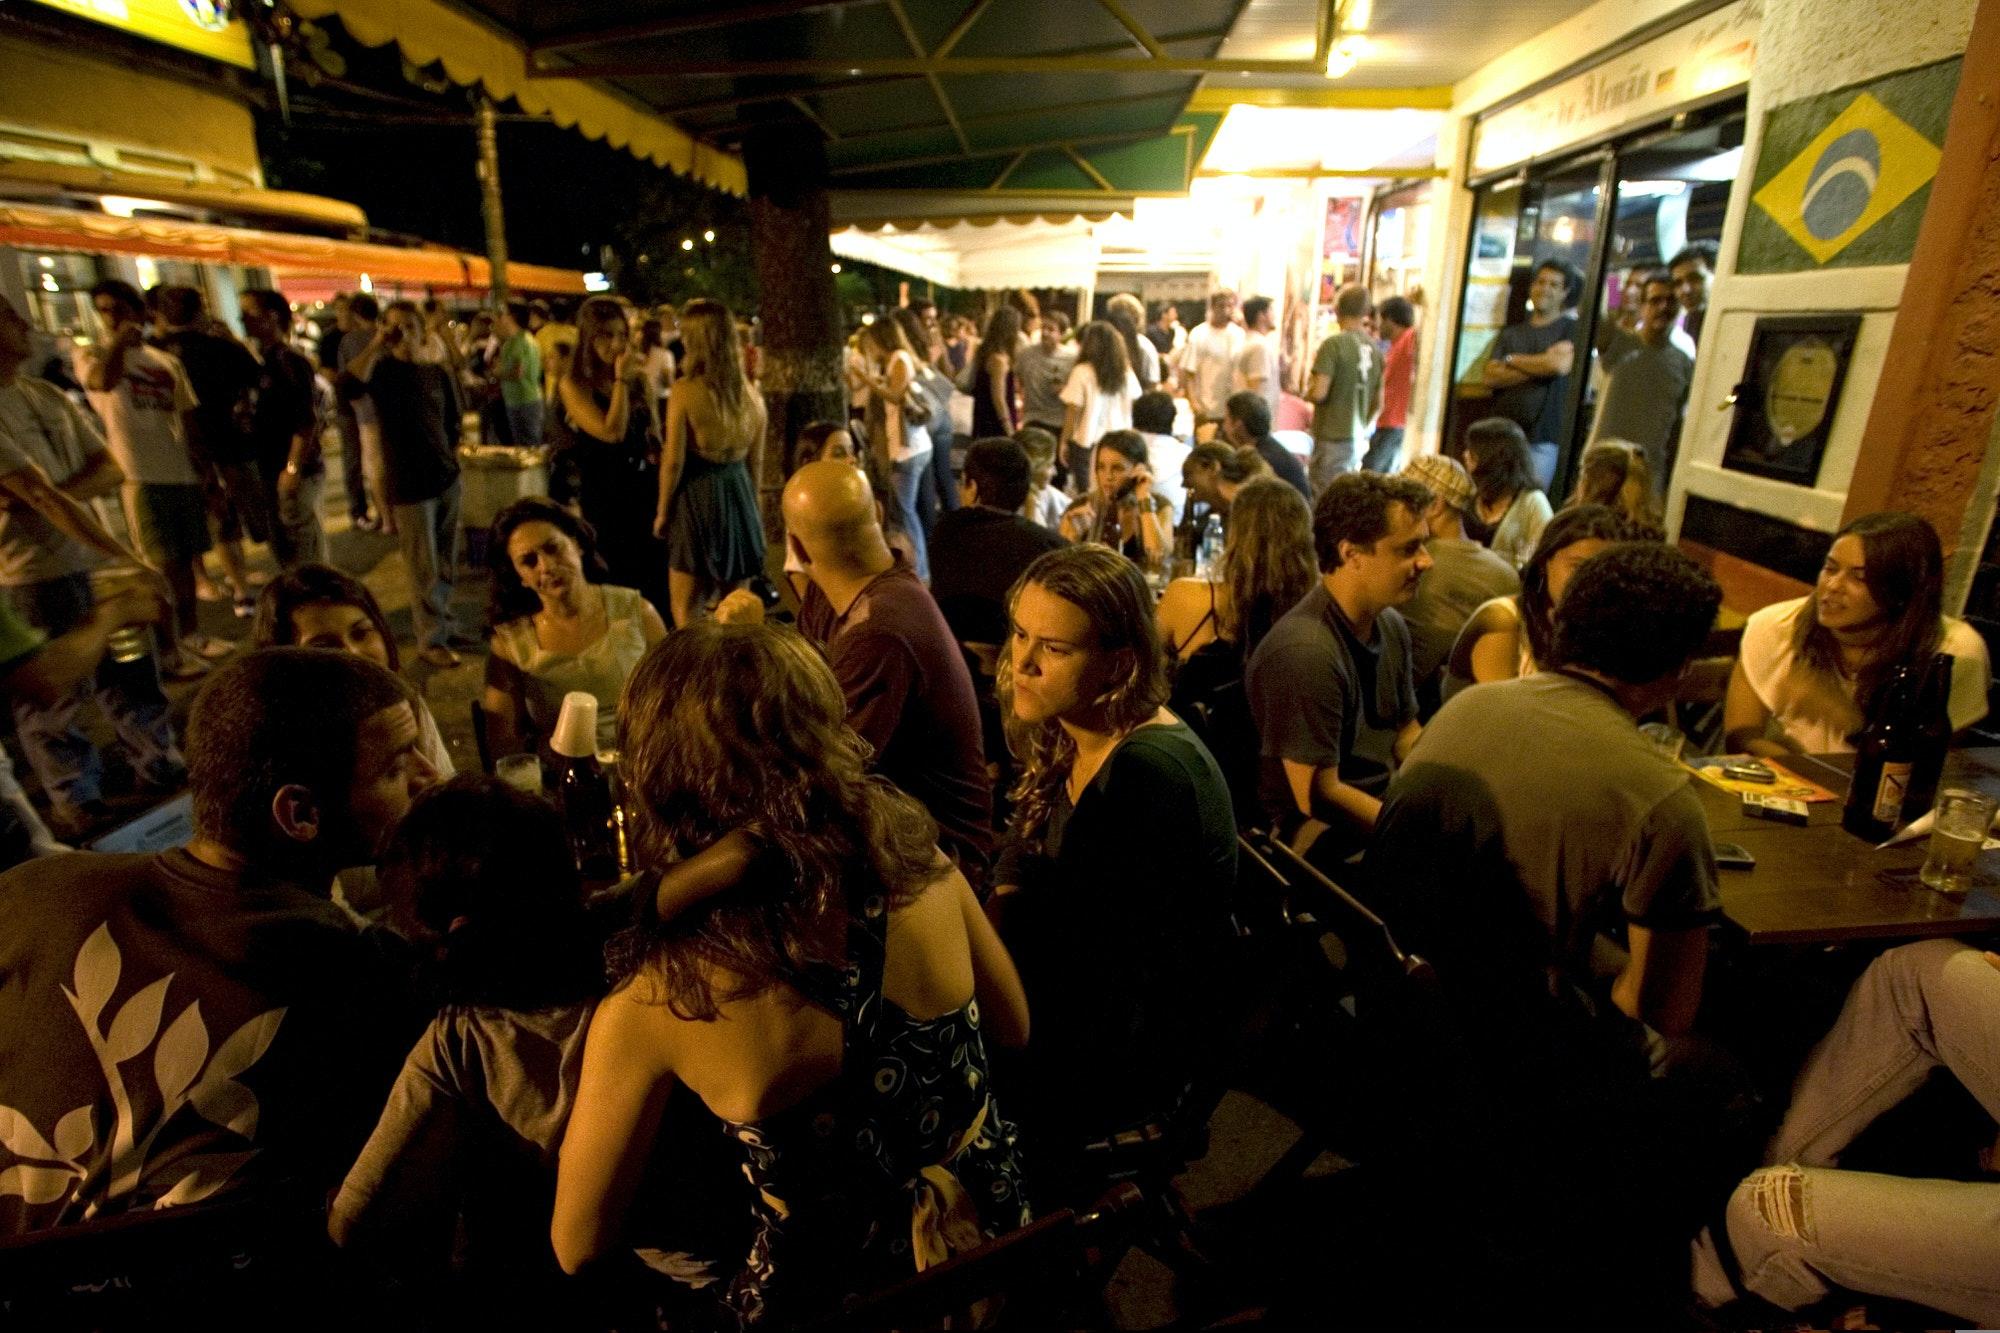 Outdoor bars at Baixo Gavea, Rio de Janeiro